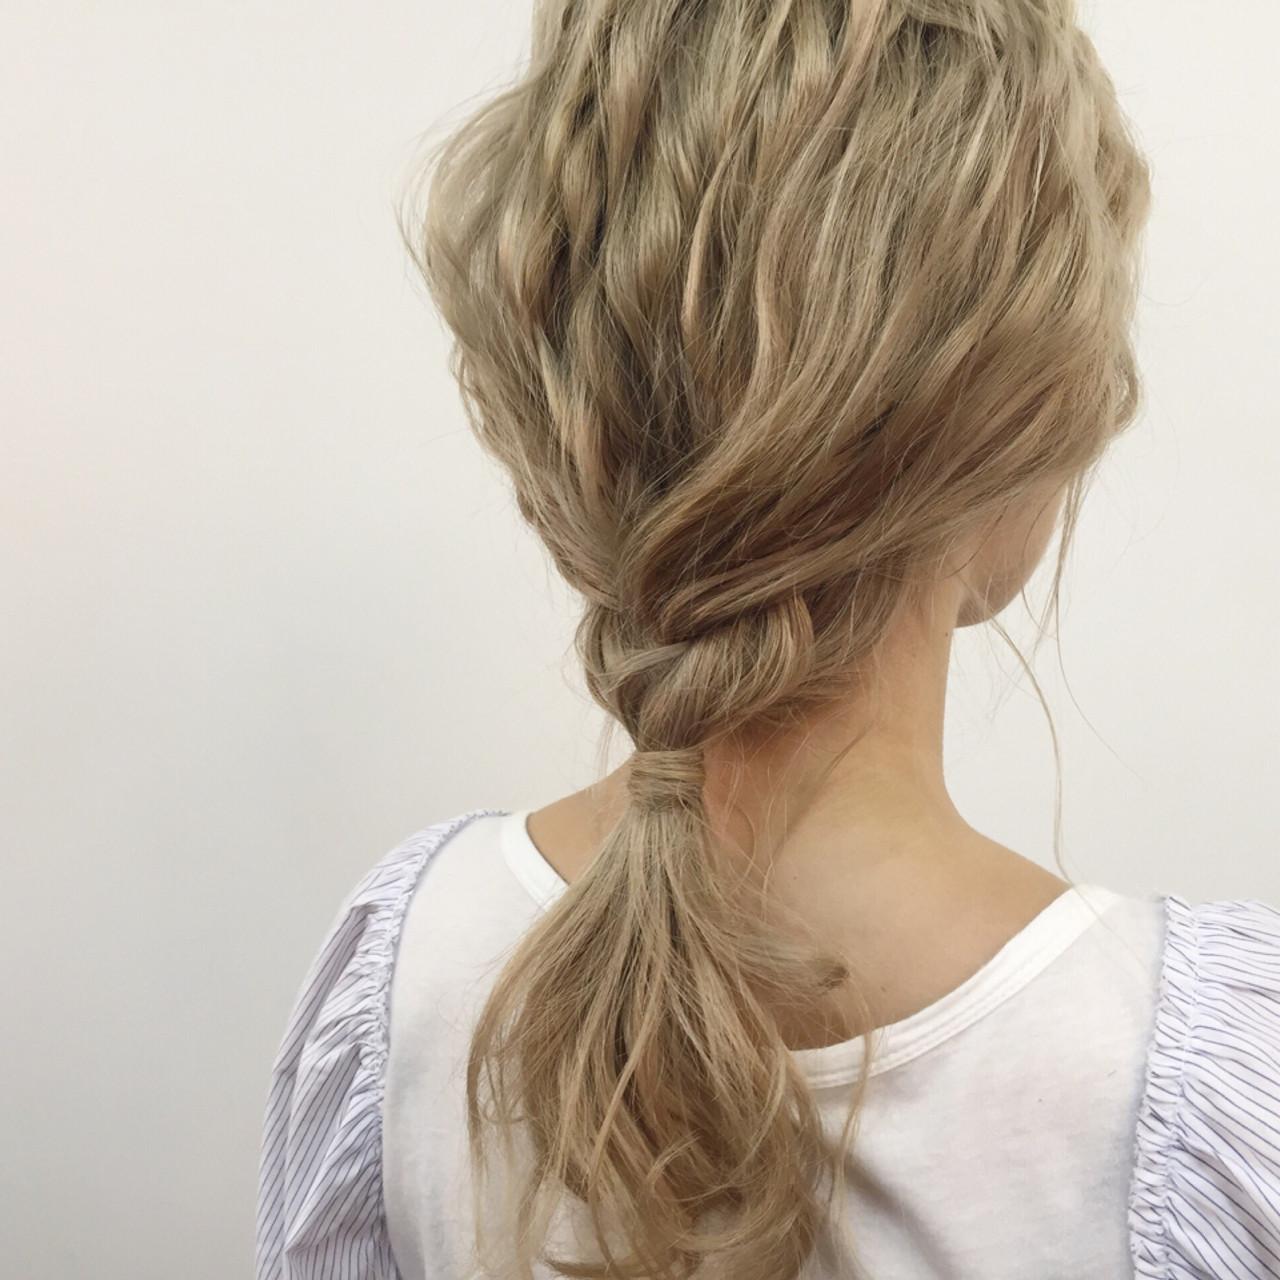 ブリーチ ルーズ セミロング ヘアアレンジ ヘアスタイルや髪型の写真・画像